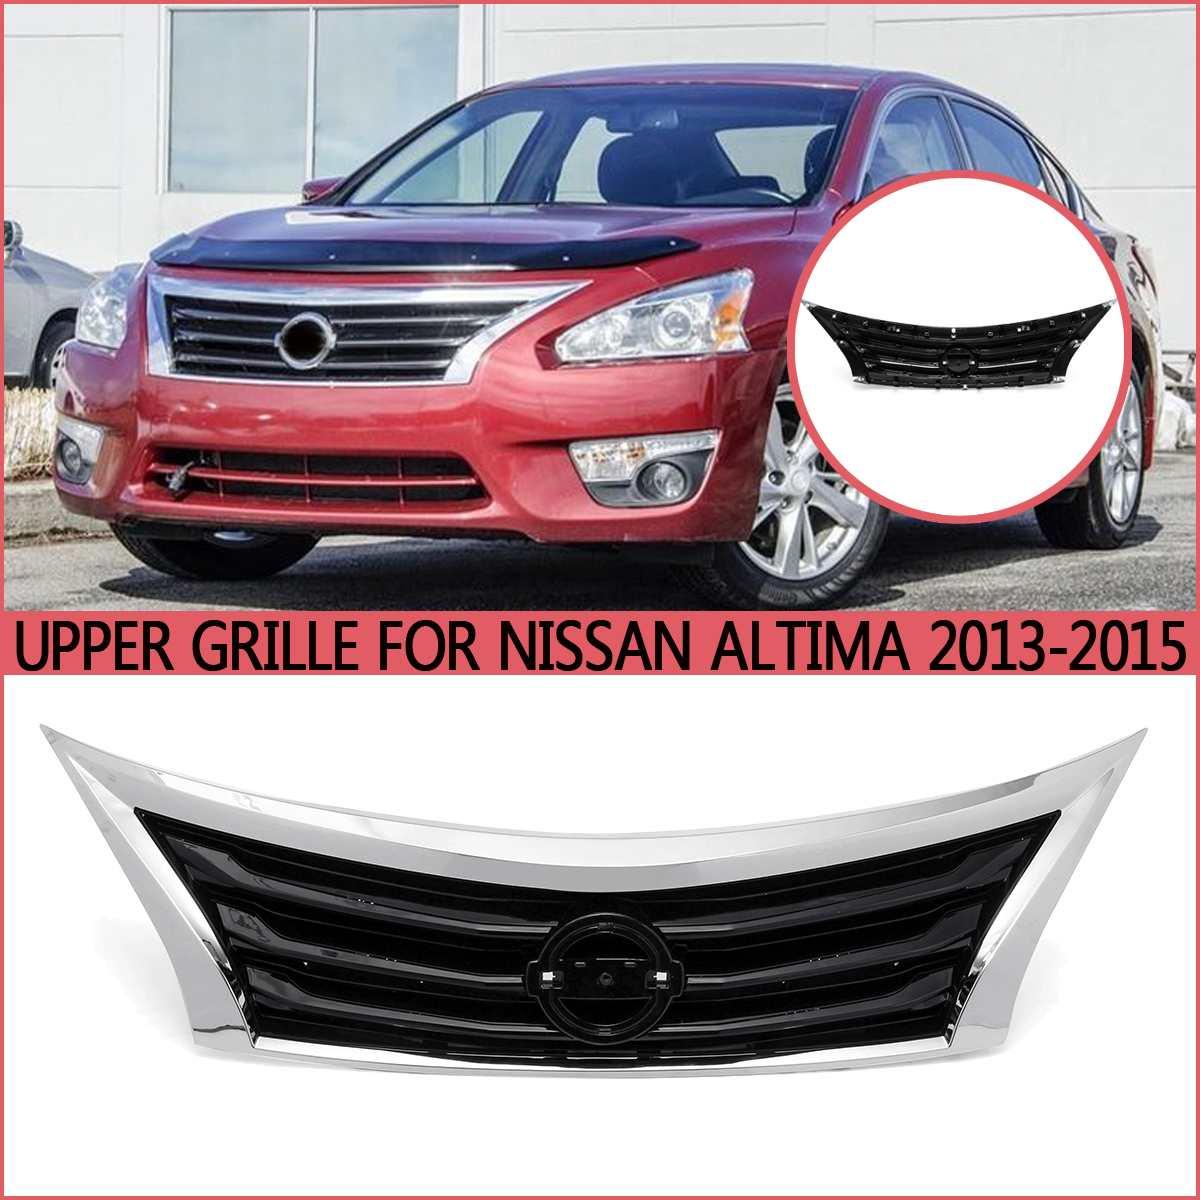 Chrome voiture Grille avant maille pare-chocs Grille inférieure radiateur grilles cadre garniture pour Nissan Altima 2013 2014 2015 pièces de rechange